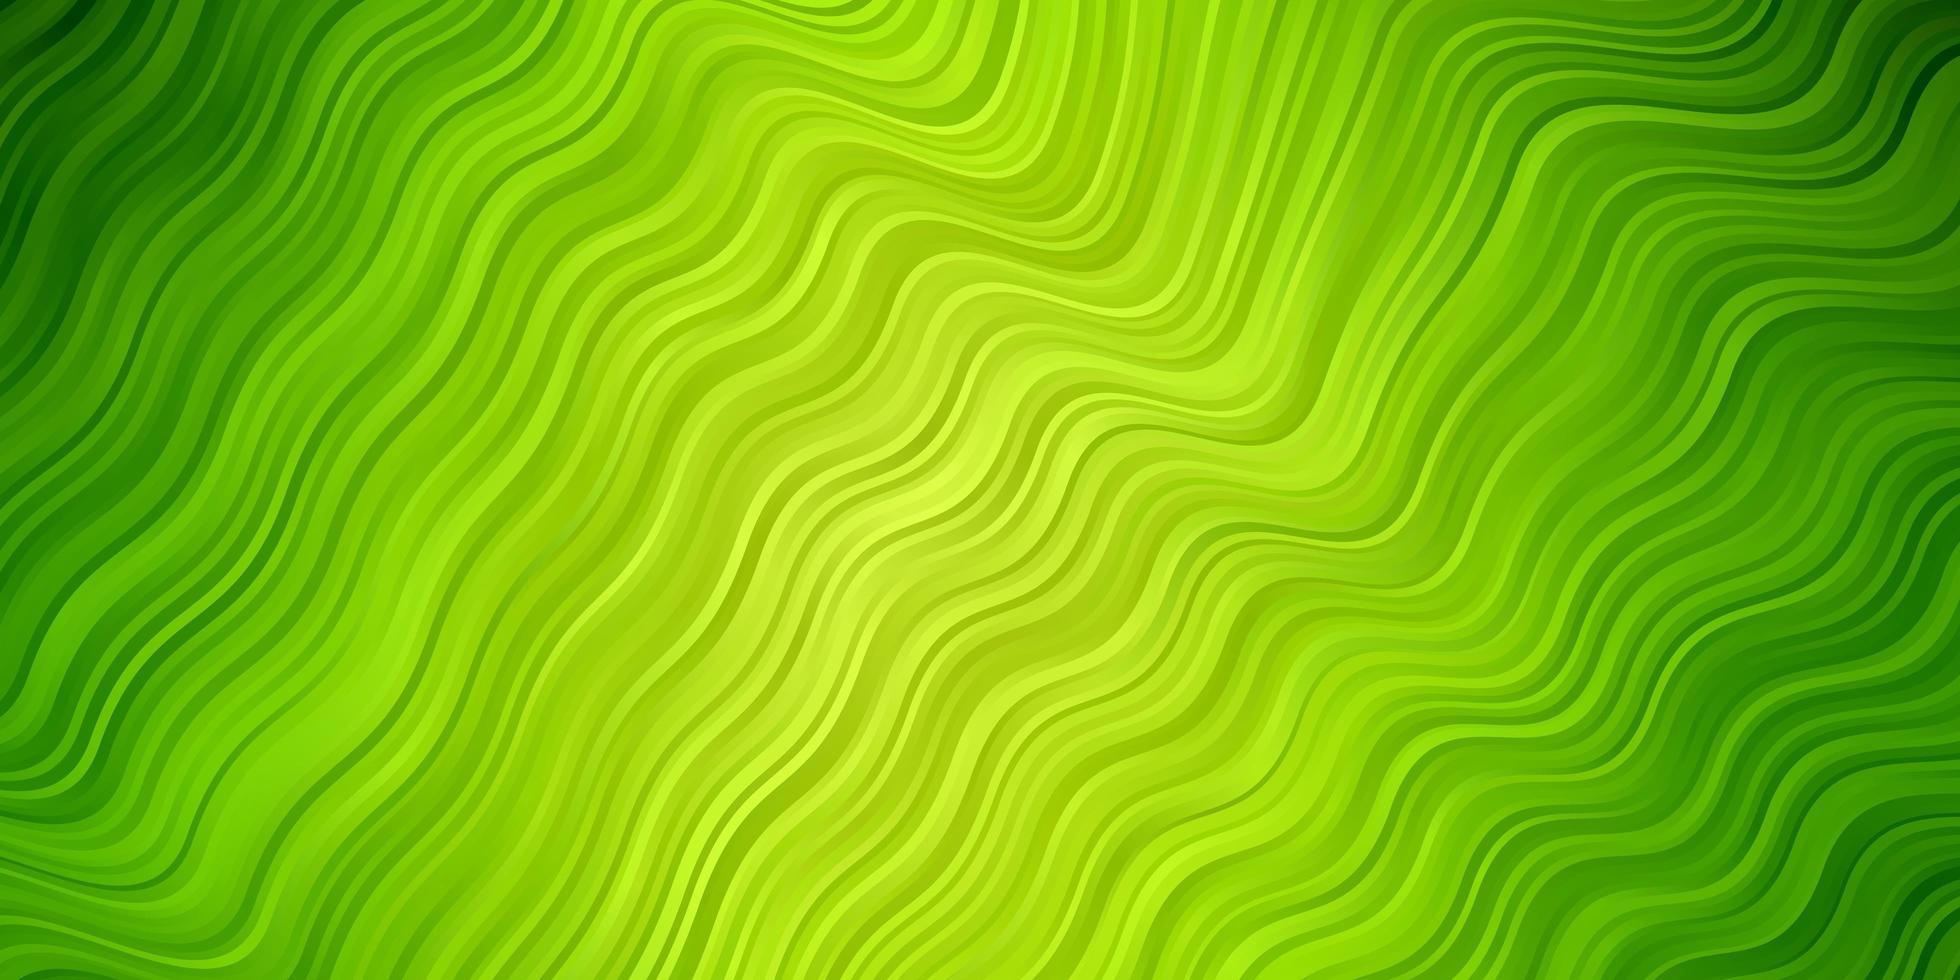 lichtgroene achtergrond met bogen. vector